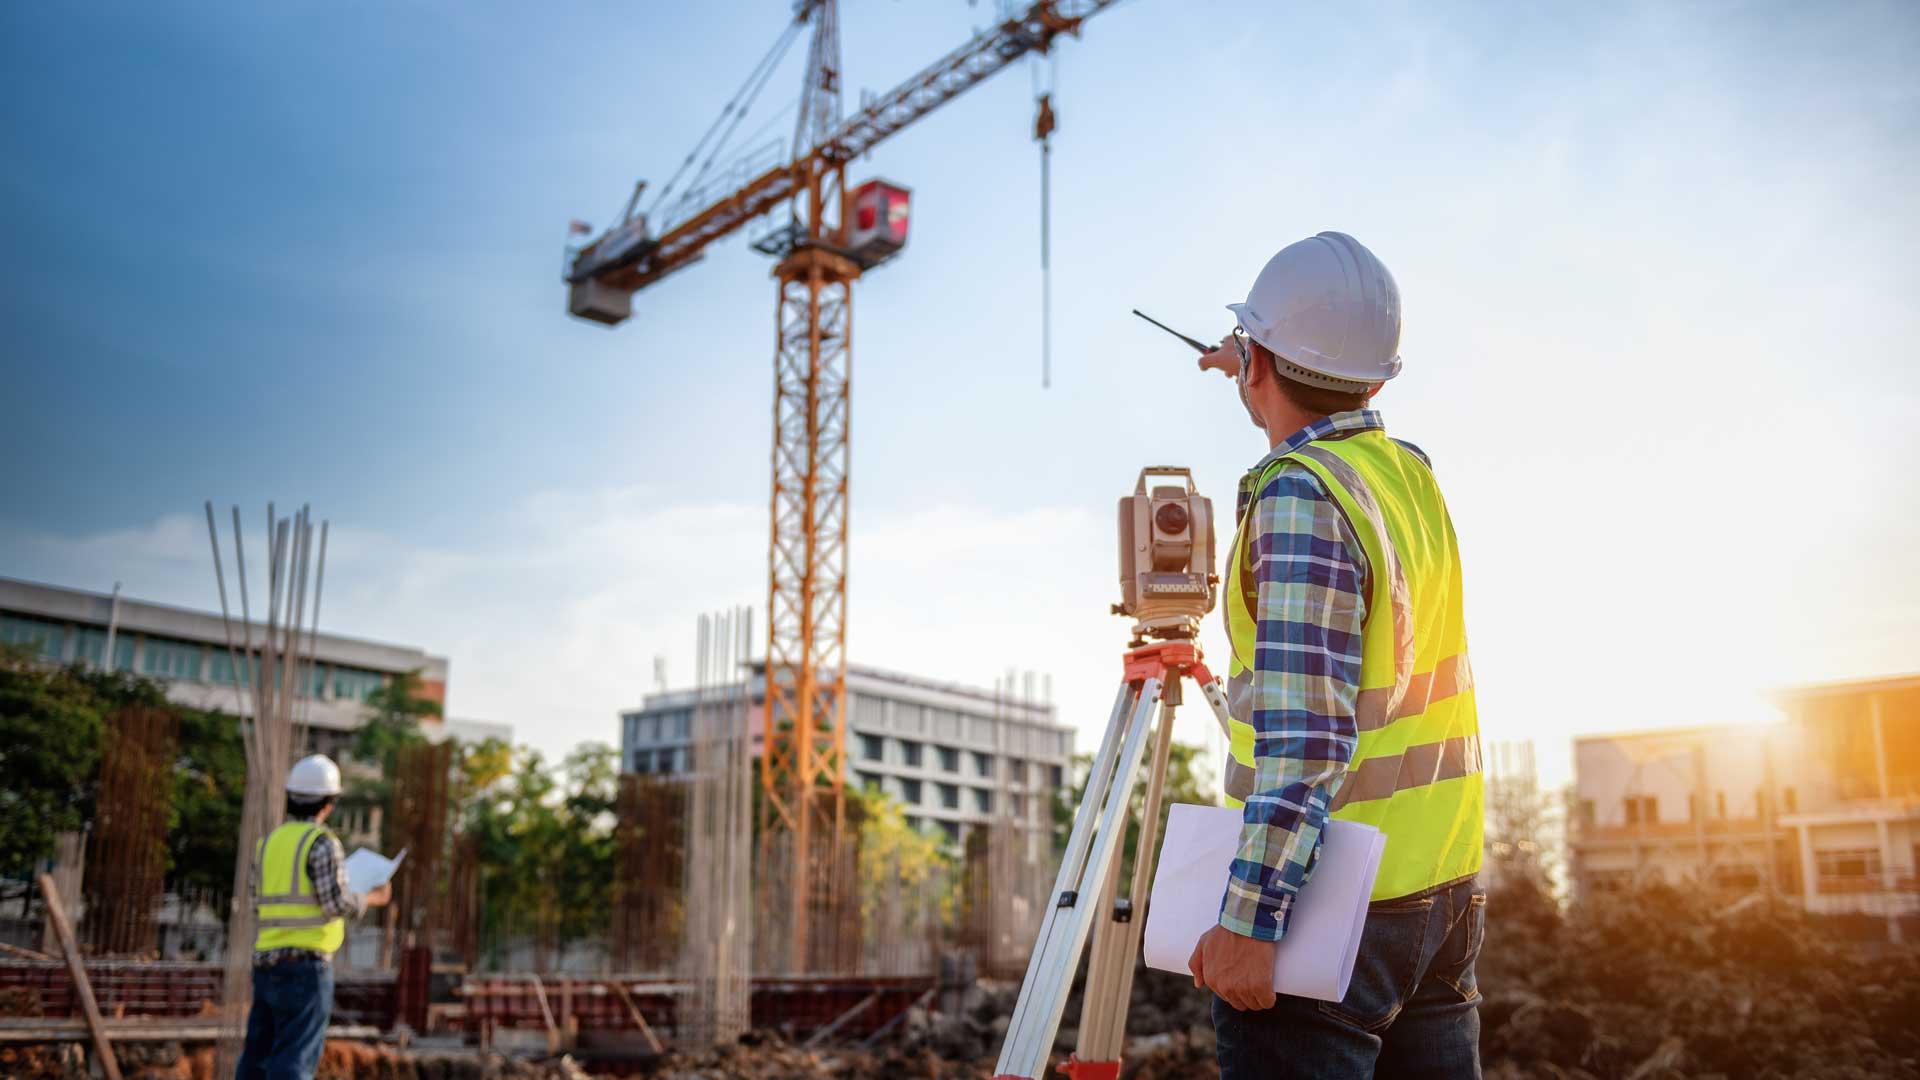 Vize ugrožavaju 2.000 radnih mjesta za građevinace iz BiH u Njemačkoj